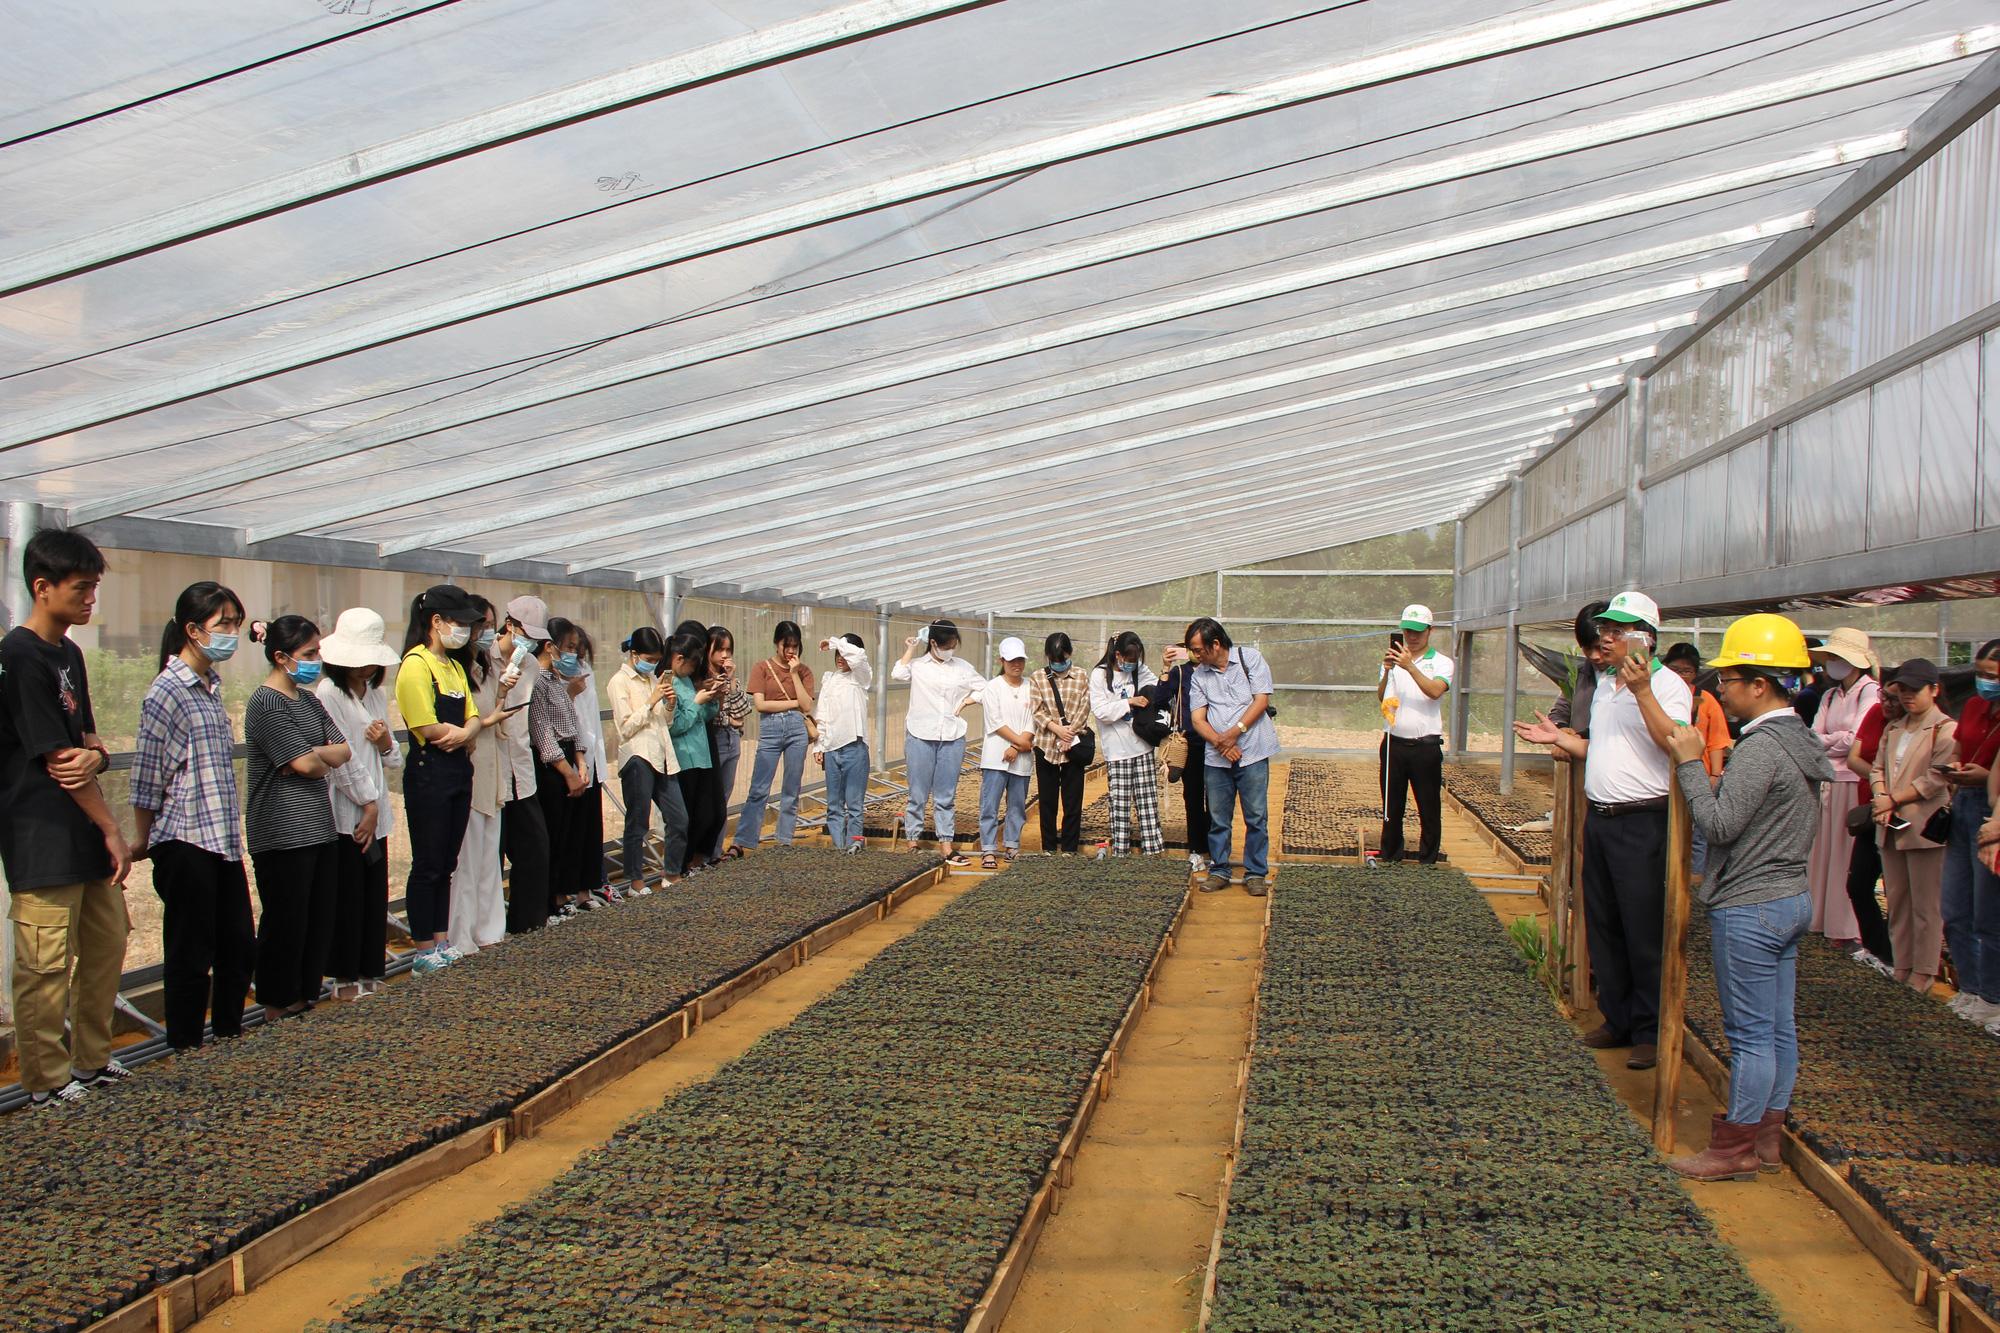 Khám phá tour du lịch học tập chỉ với 250.000 đồng ở Quảng Trị - Ảnh 2.